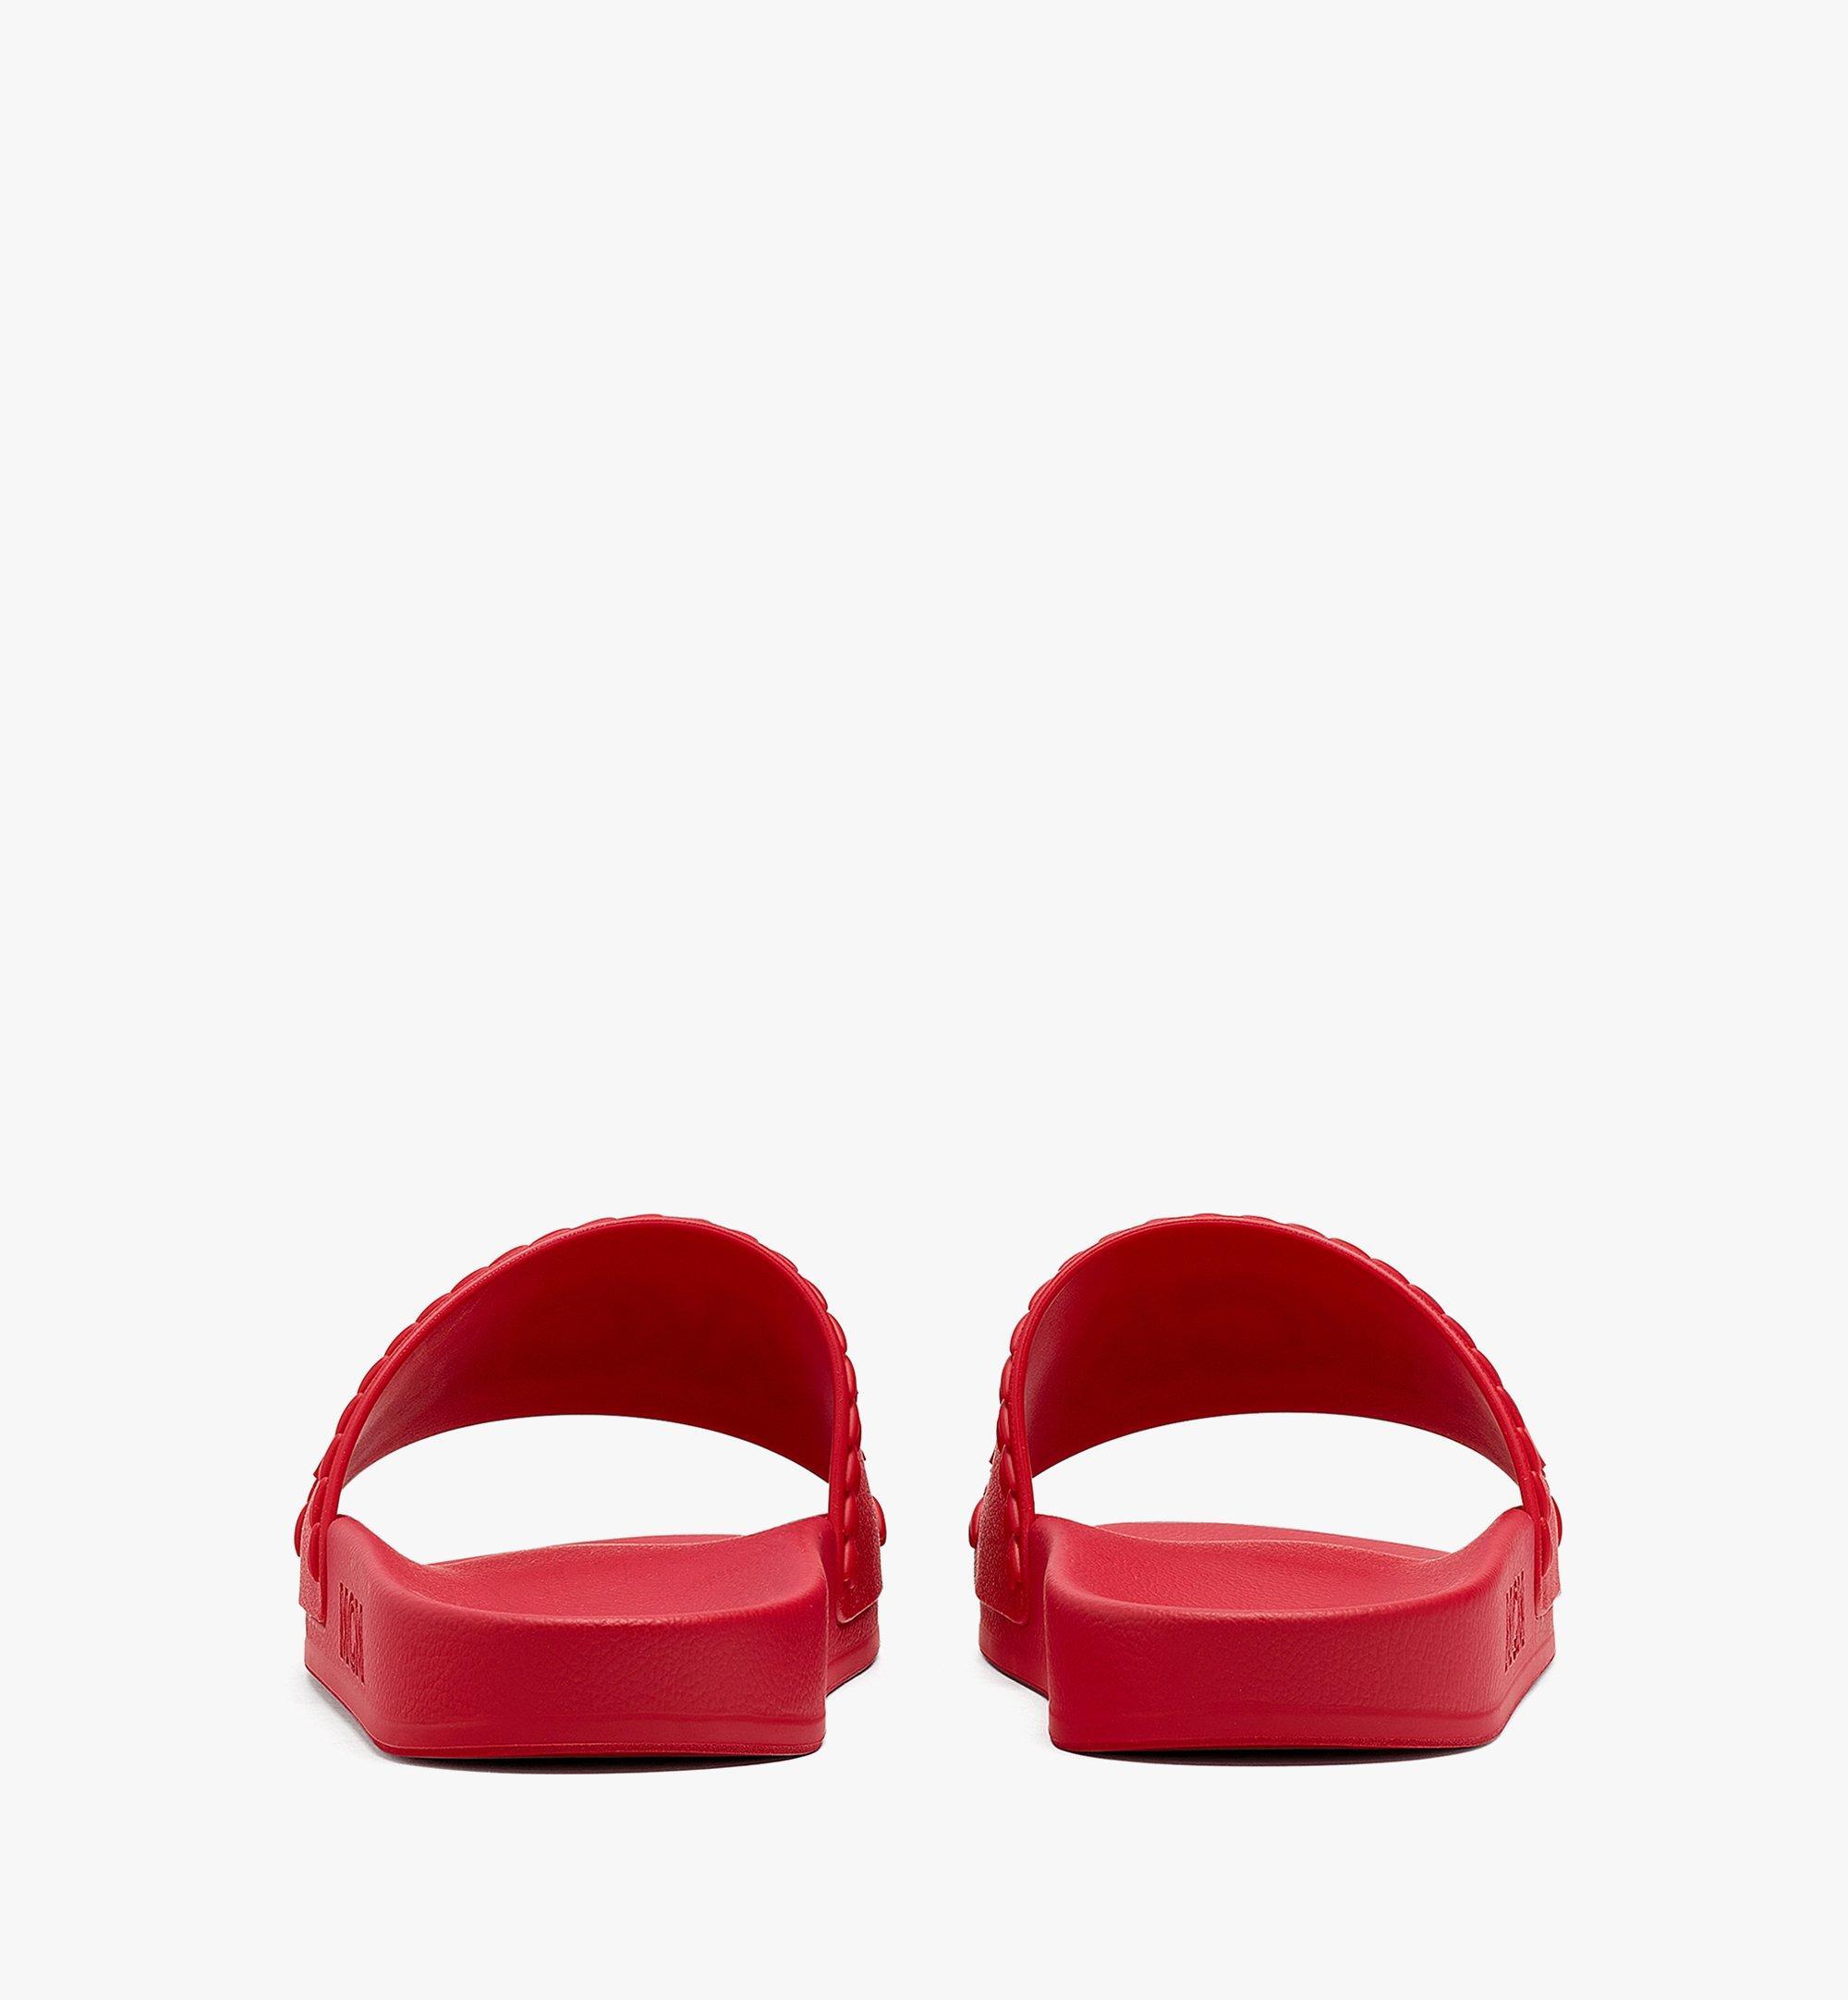 MCM 女士 Big Logo 橡膠拖鞋 Red MESBSMM15R0036 更多視圖 2